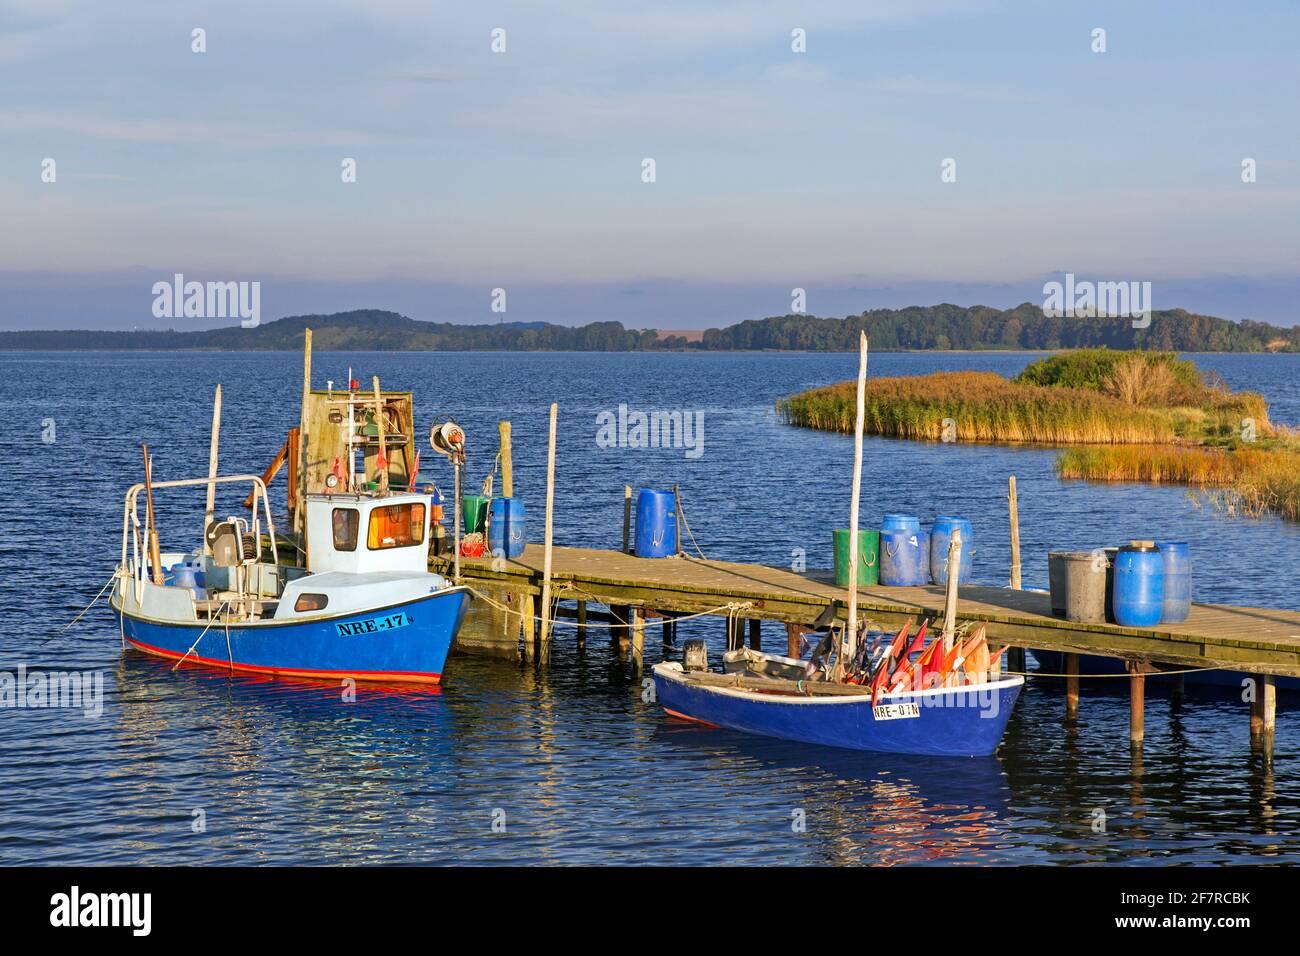 Barche da pesca ormeggiate lungo il molo di legno a Neu Reddevitz, Lancken-Granitz sull'isola di Rügen / Ruegen, Meclemburgo-Pomerania occidentale, Germania Foto Stock